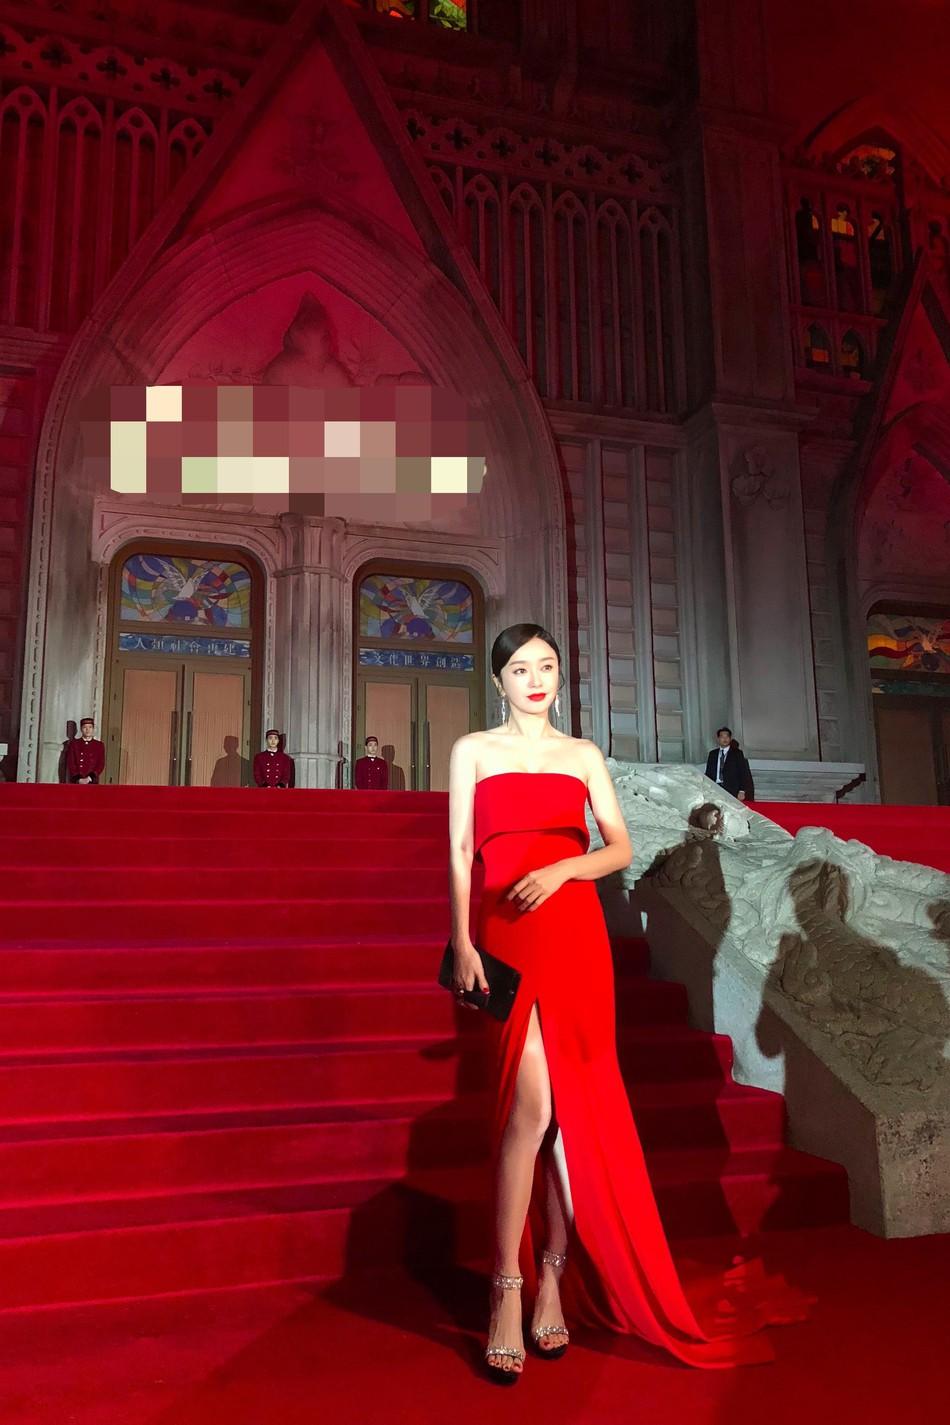 Hoàng Hậu Tần Lam khoe sắc vóc ngọc ngà, vòng 1 e ấp tại thảm đỏ sự kiện Hàn Quốc - Ảnh 4.